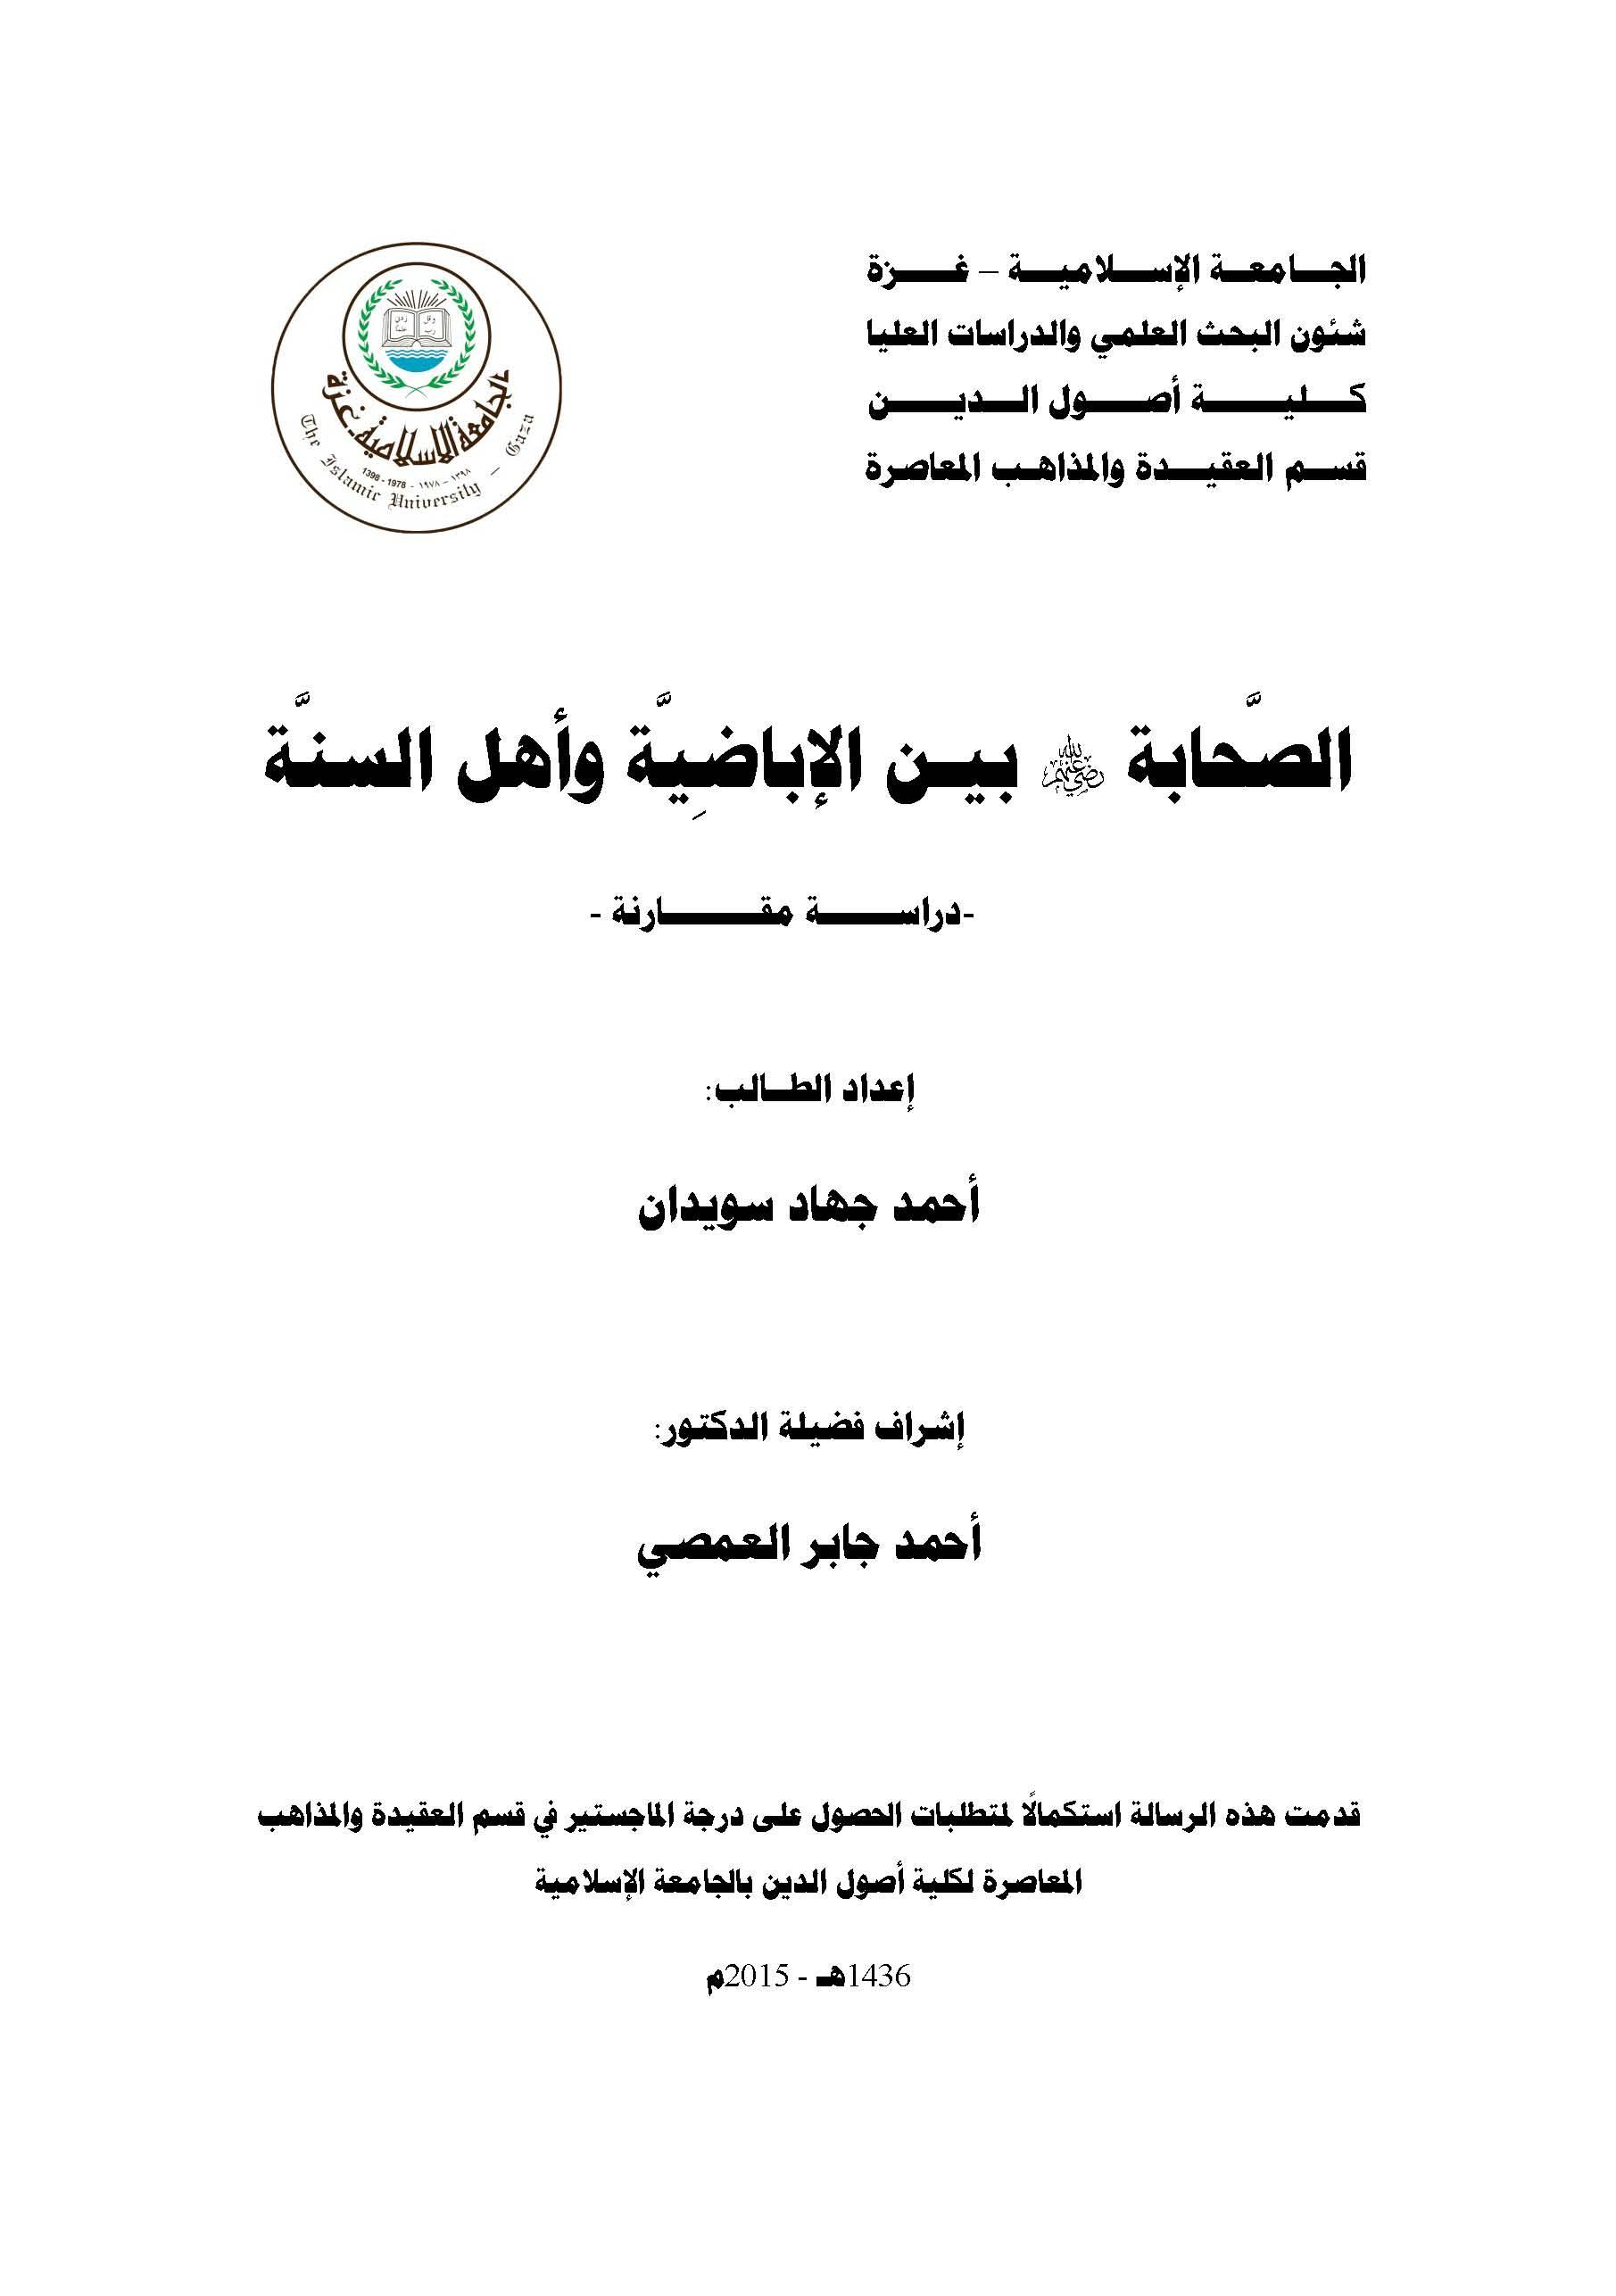 الصحابة رضي الله عنهم بين الإباضية وأهل السنة - أحمد جهاد سويدان